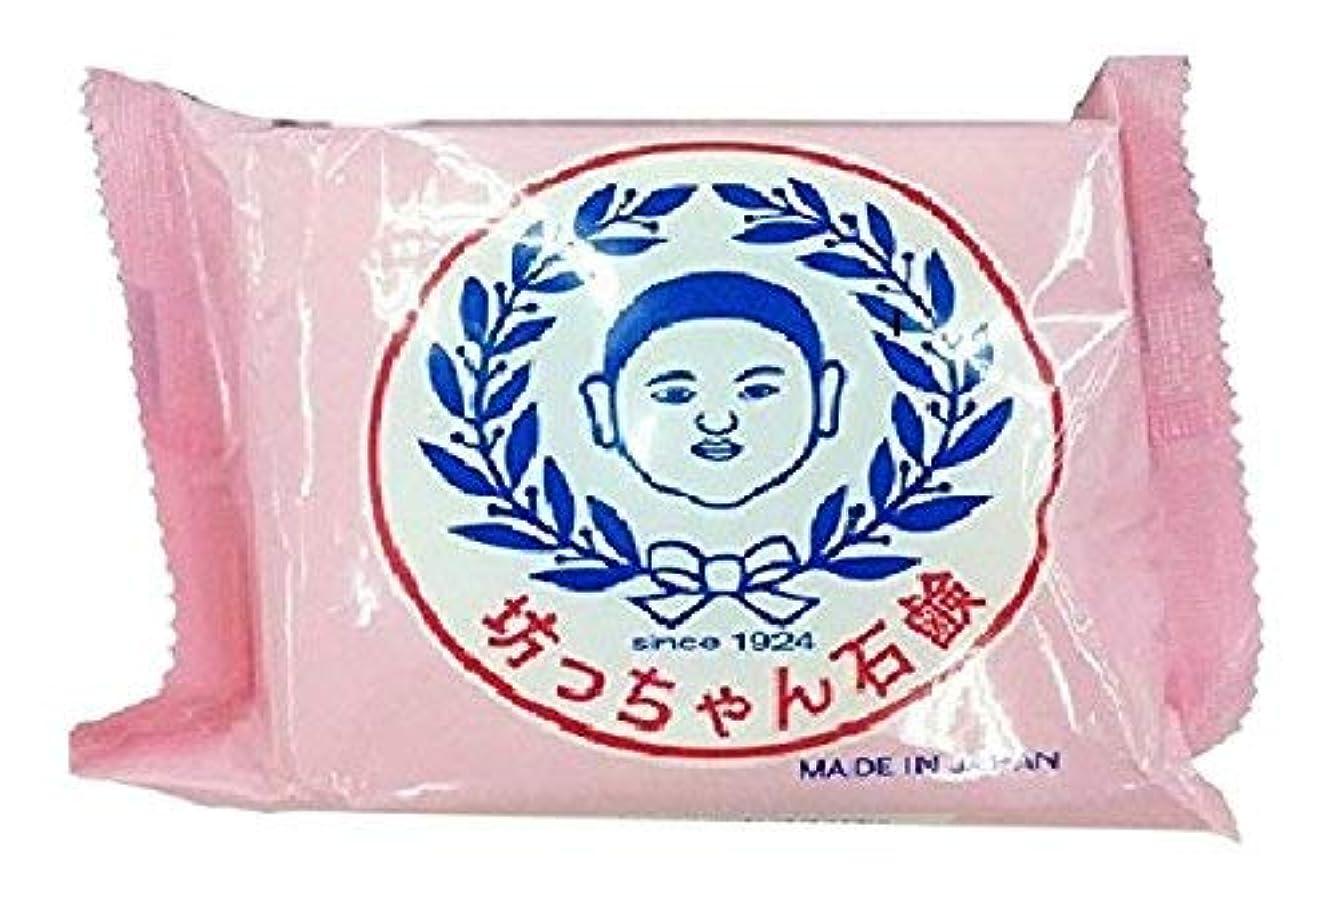 バンカー啓示免疫【まとめ買い】坊っちゃん石鹸 釜出し一番 175g ×40個